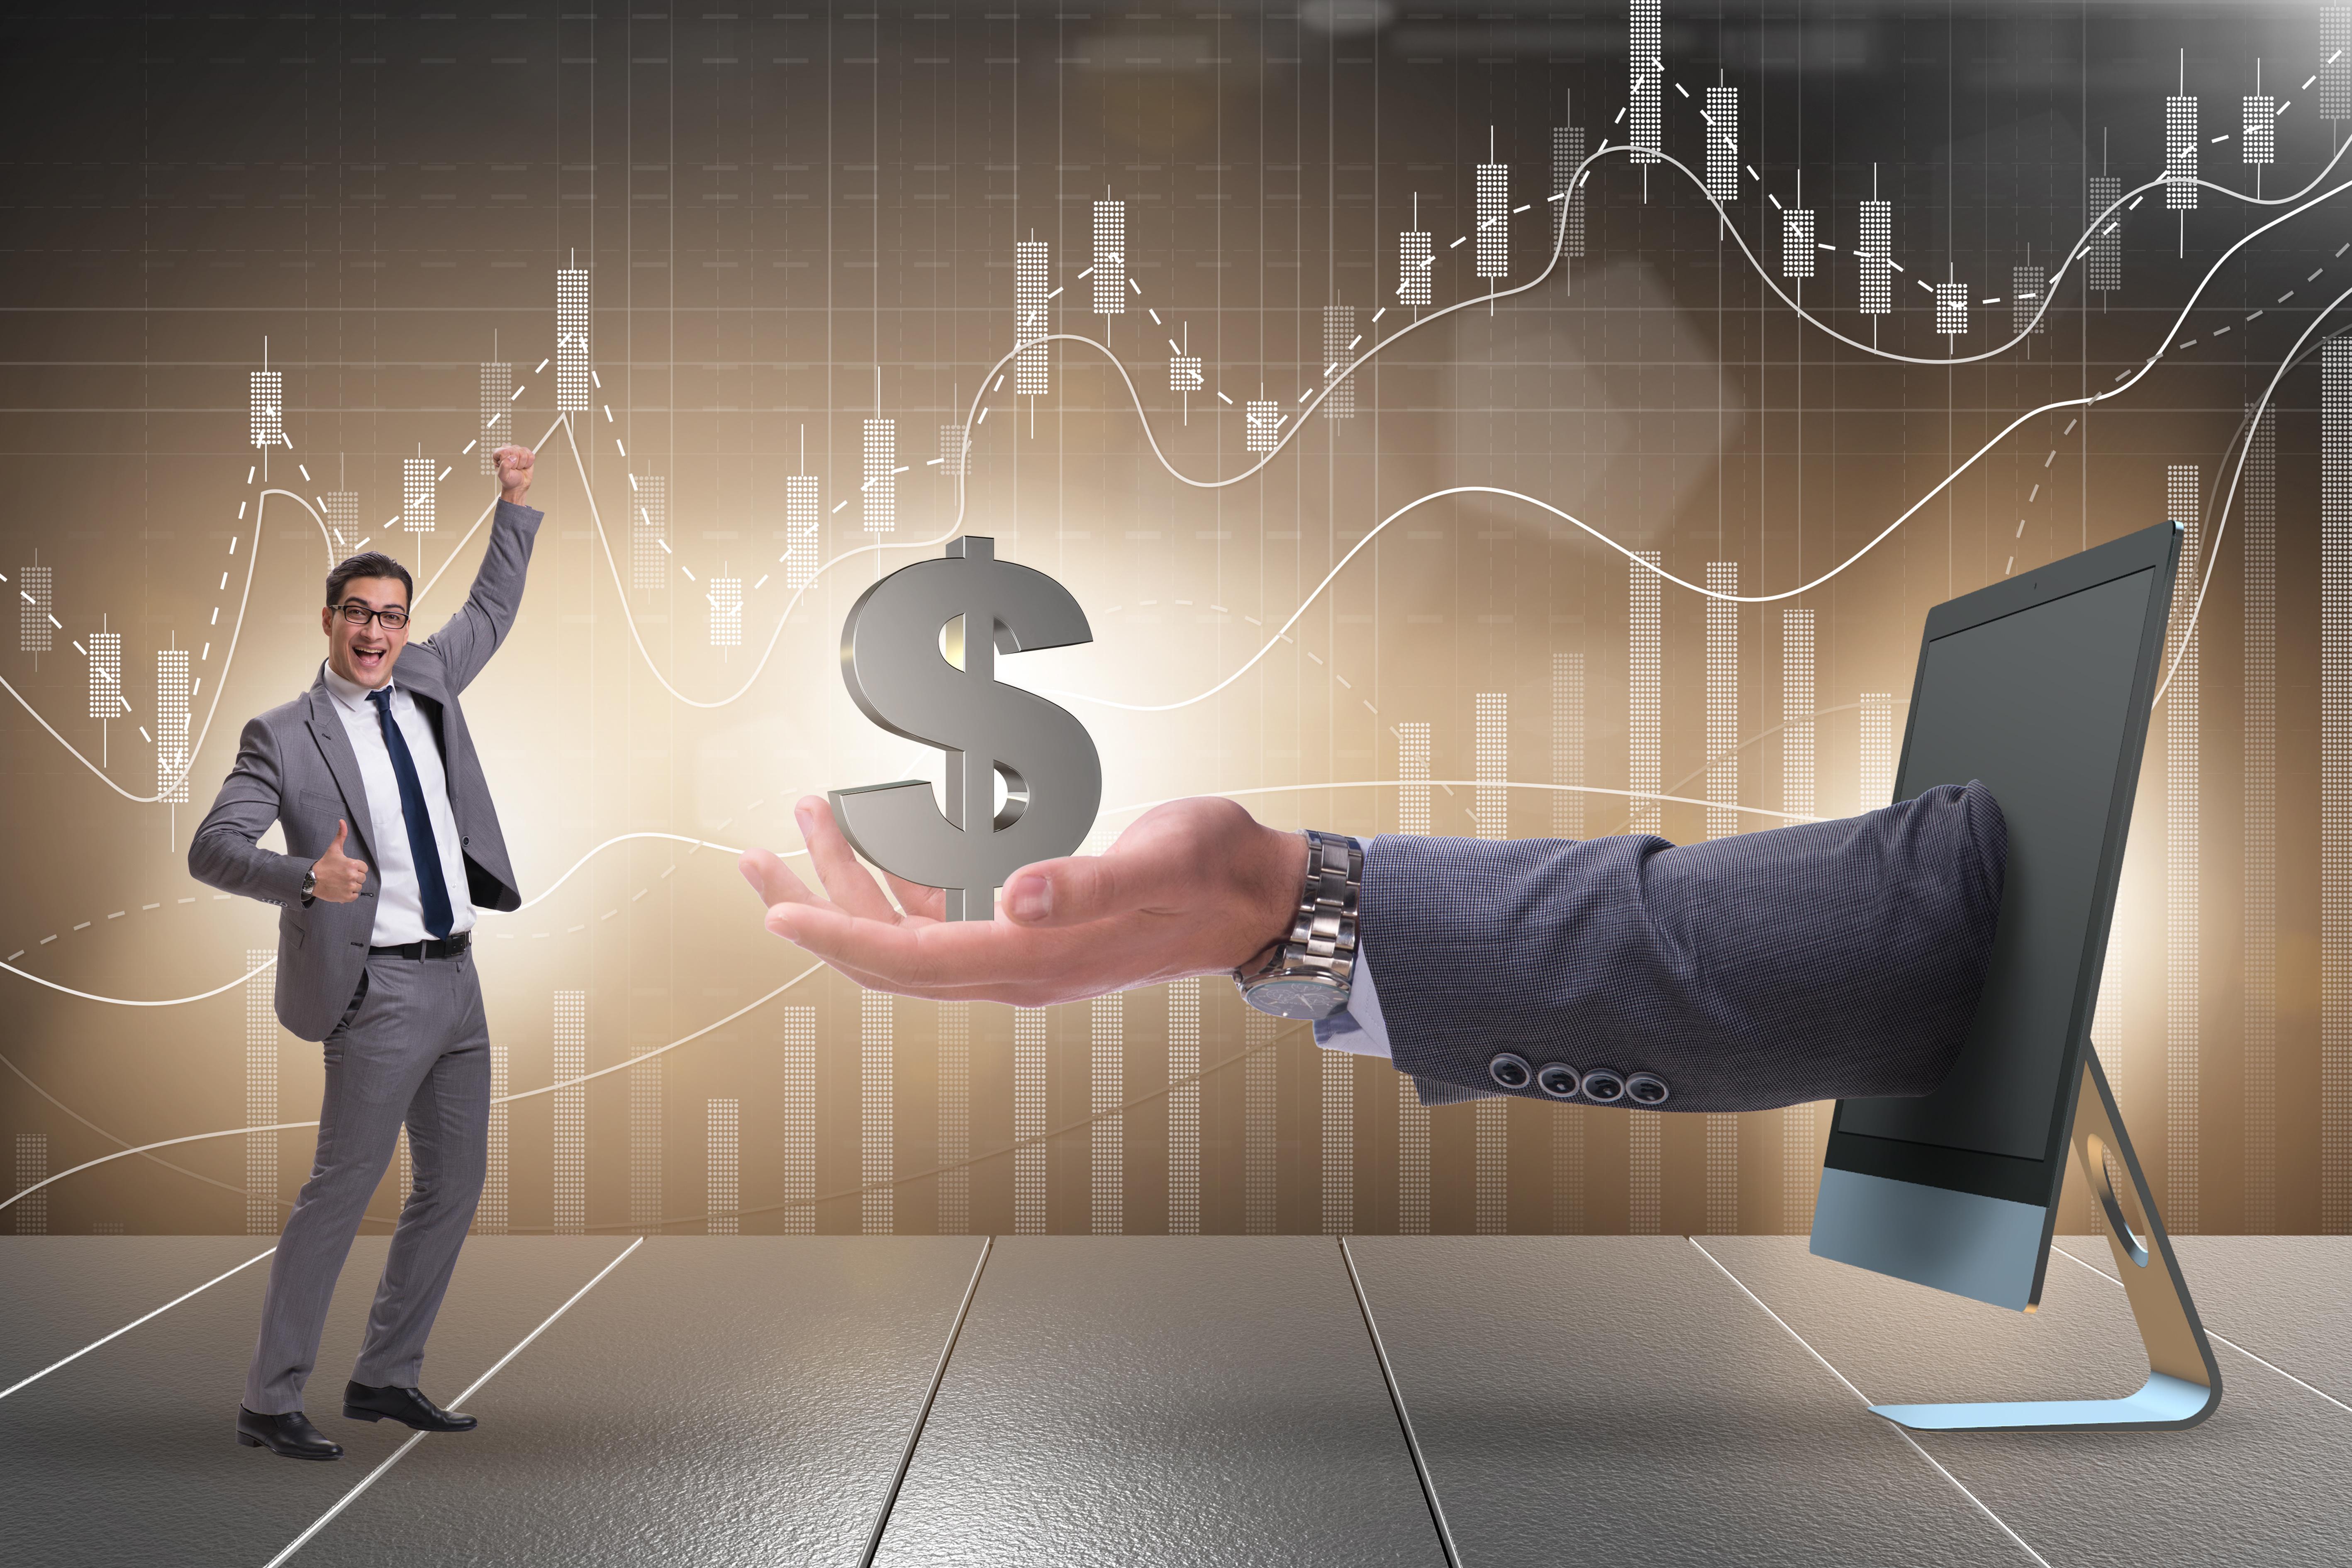 Closing Brokers Loans